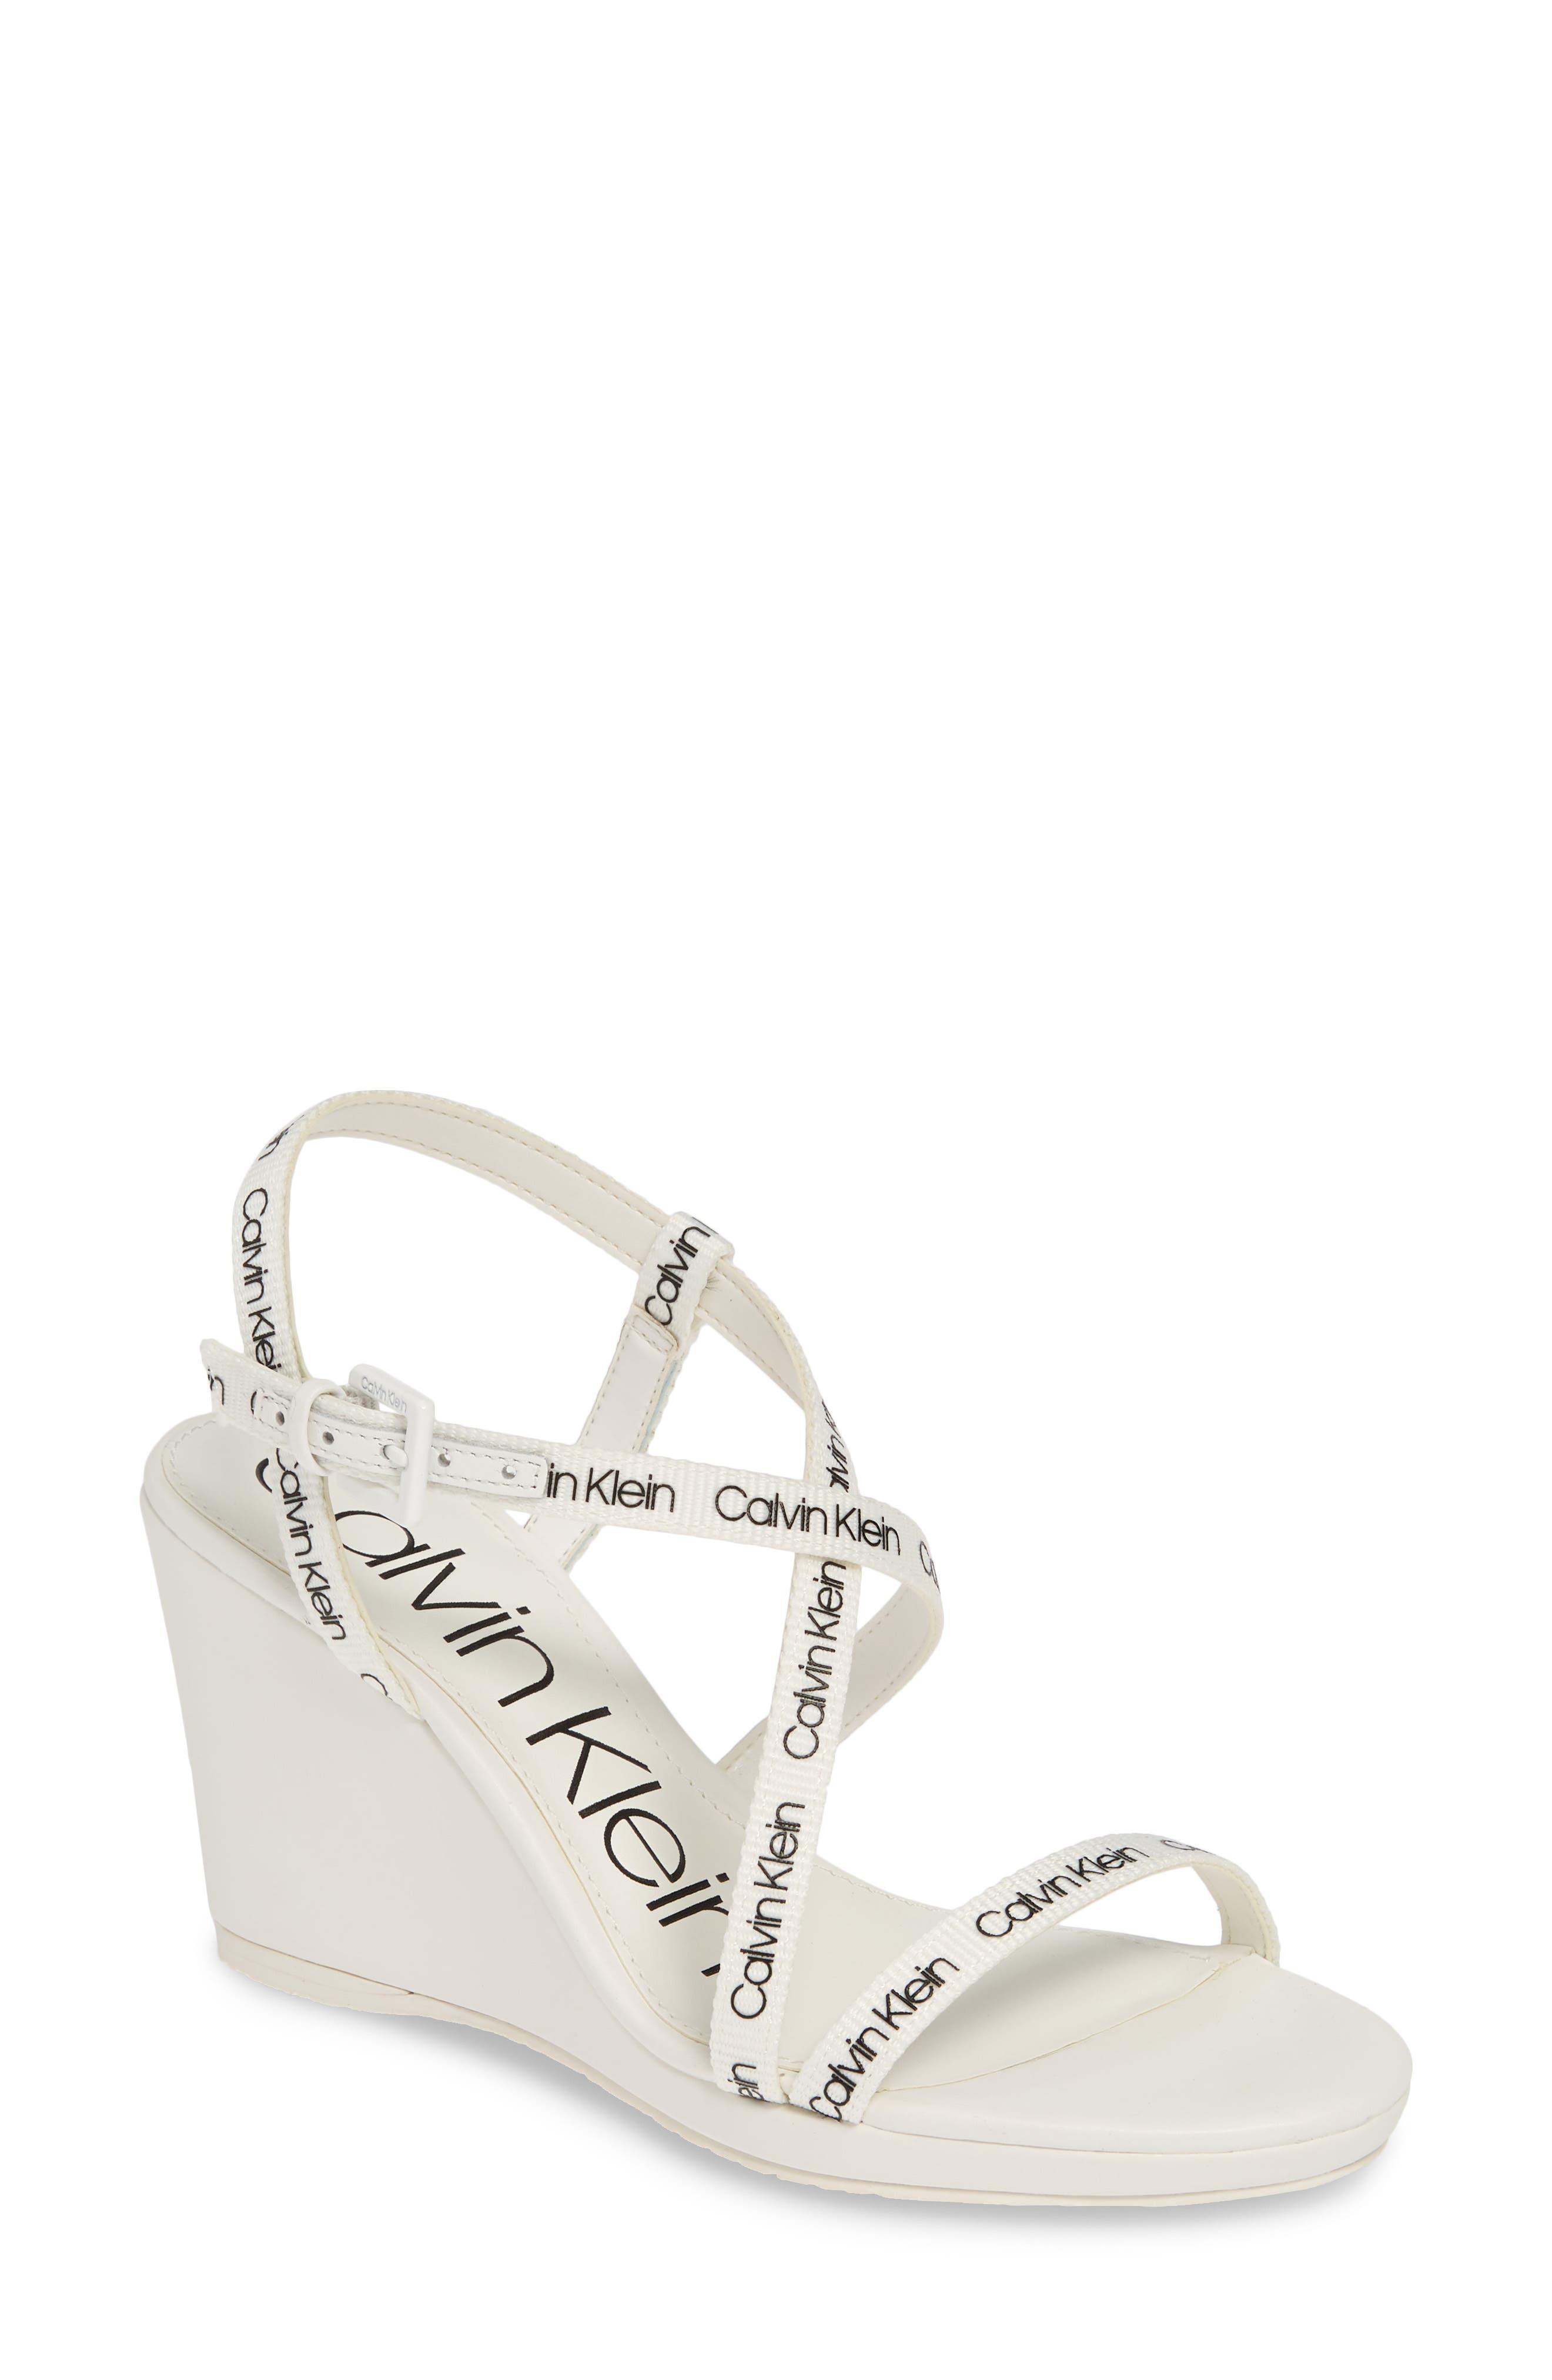 Calvin Klein Bellemine Slingback Wedge Sandal, White